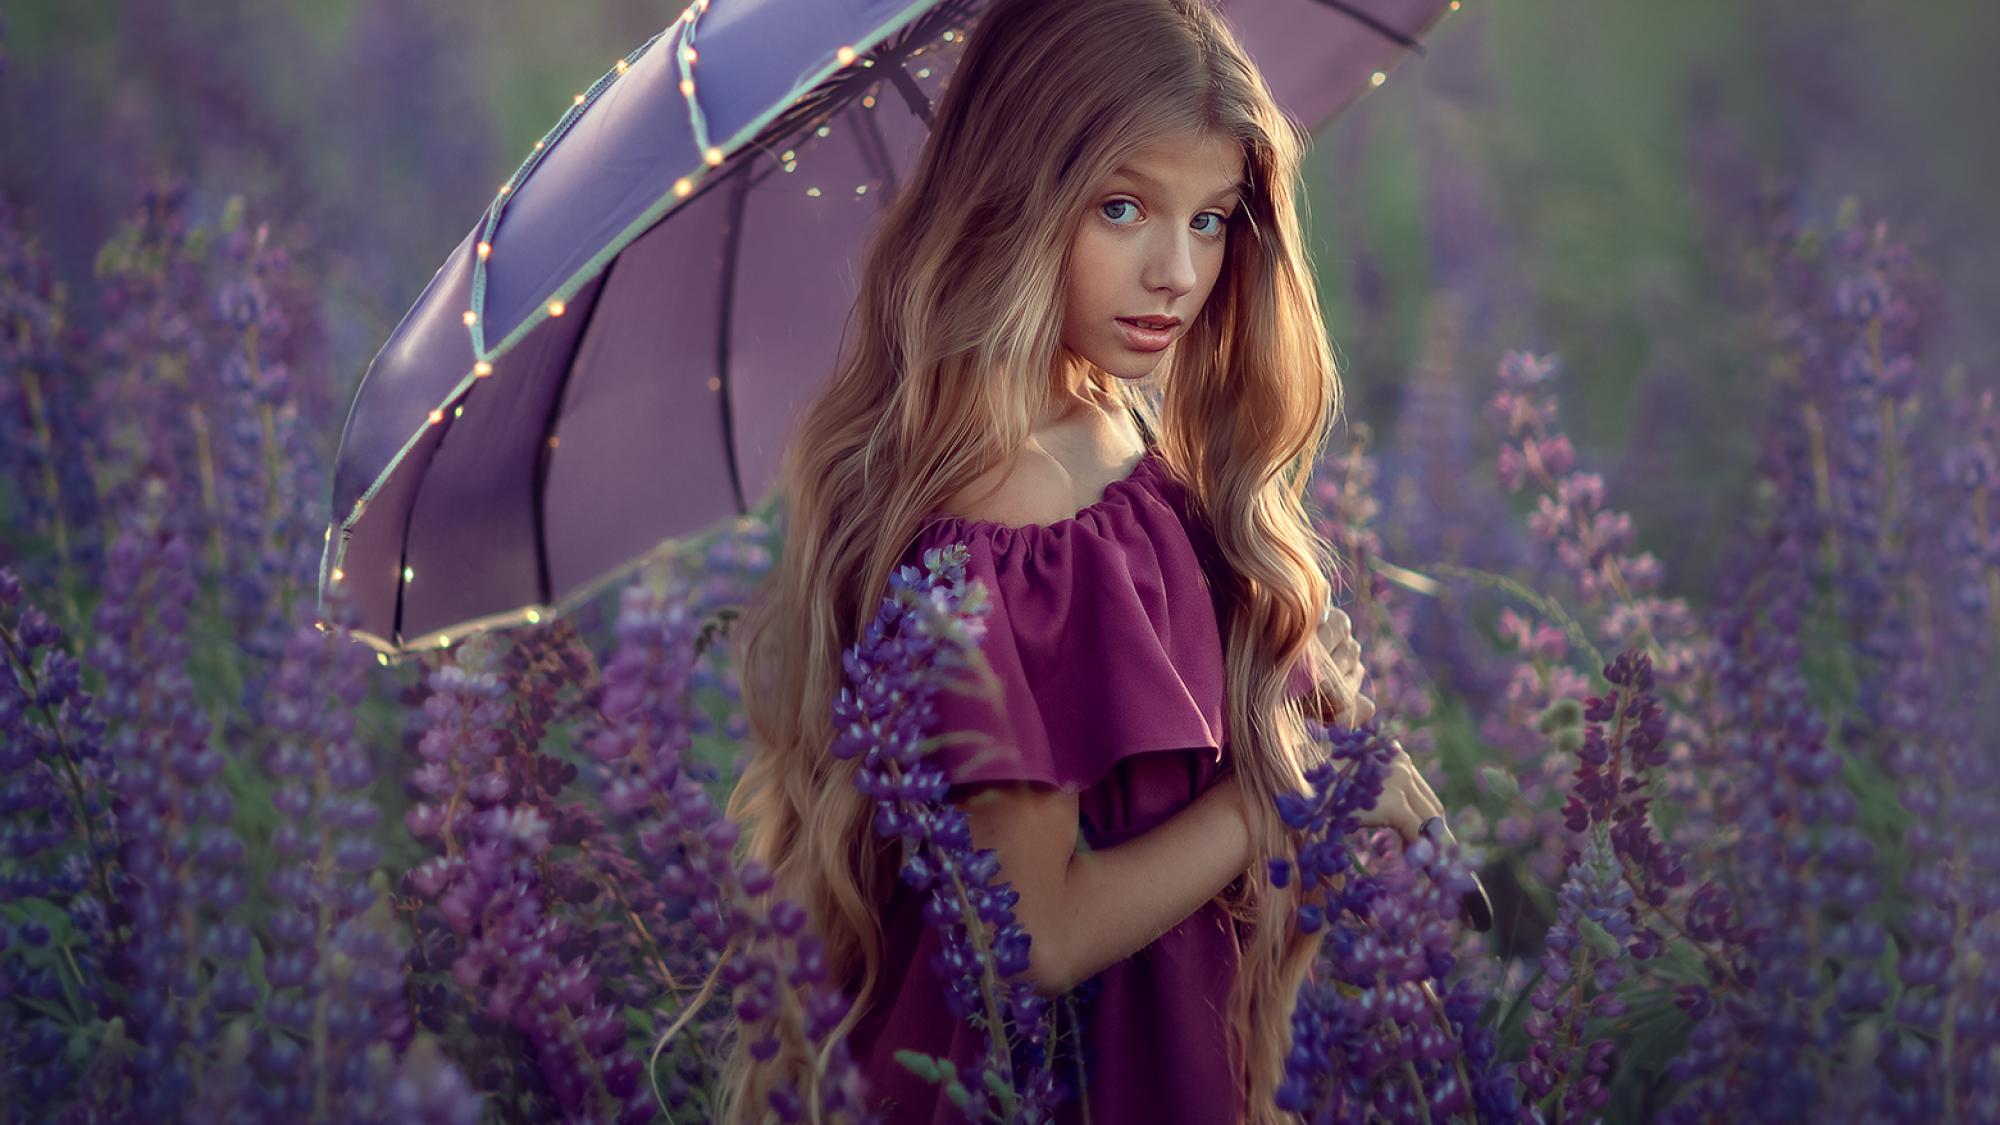 девочка под зонтиком в люпиновом поле